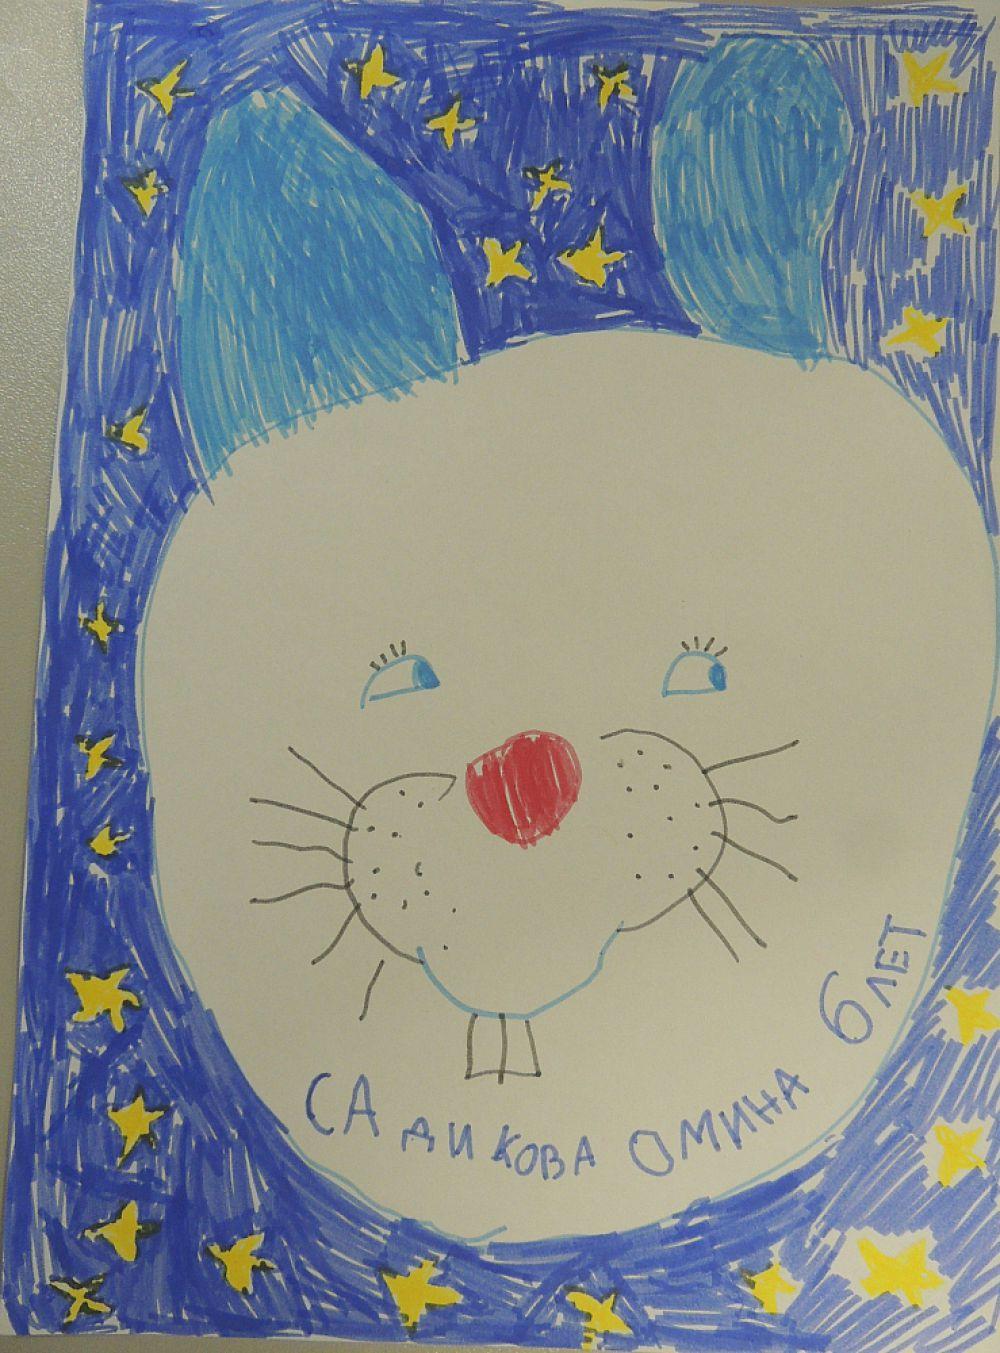 Рисунок Омины Садиковой